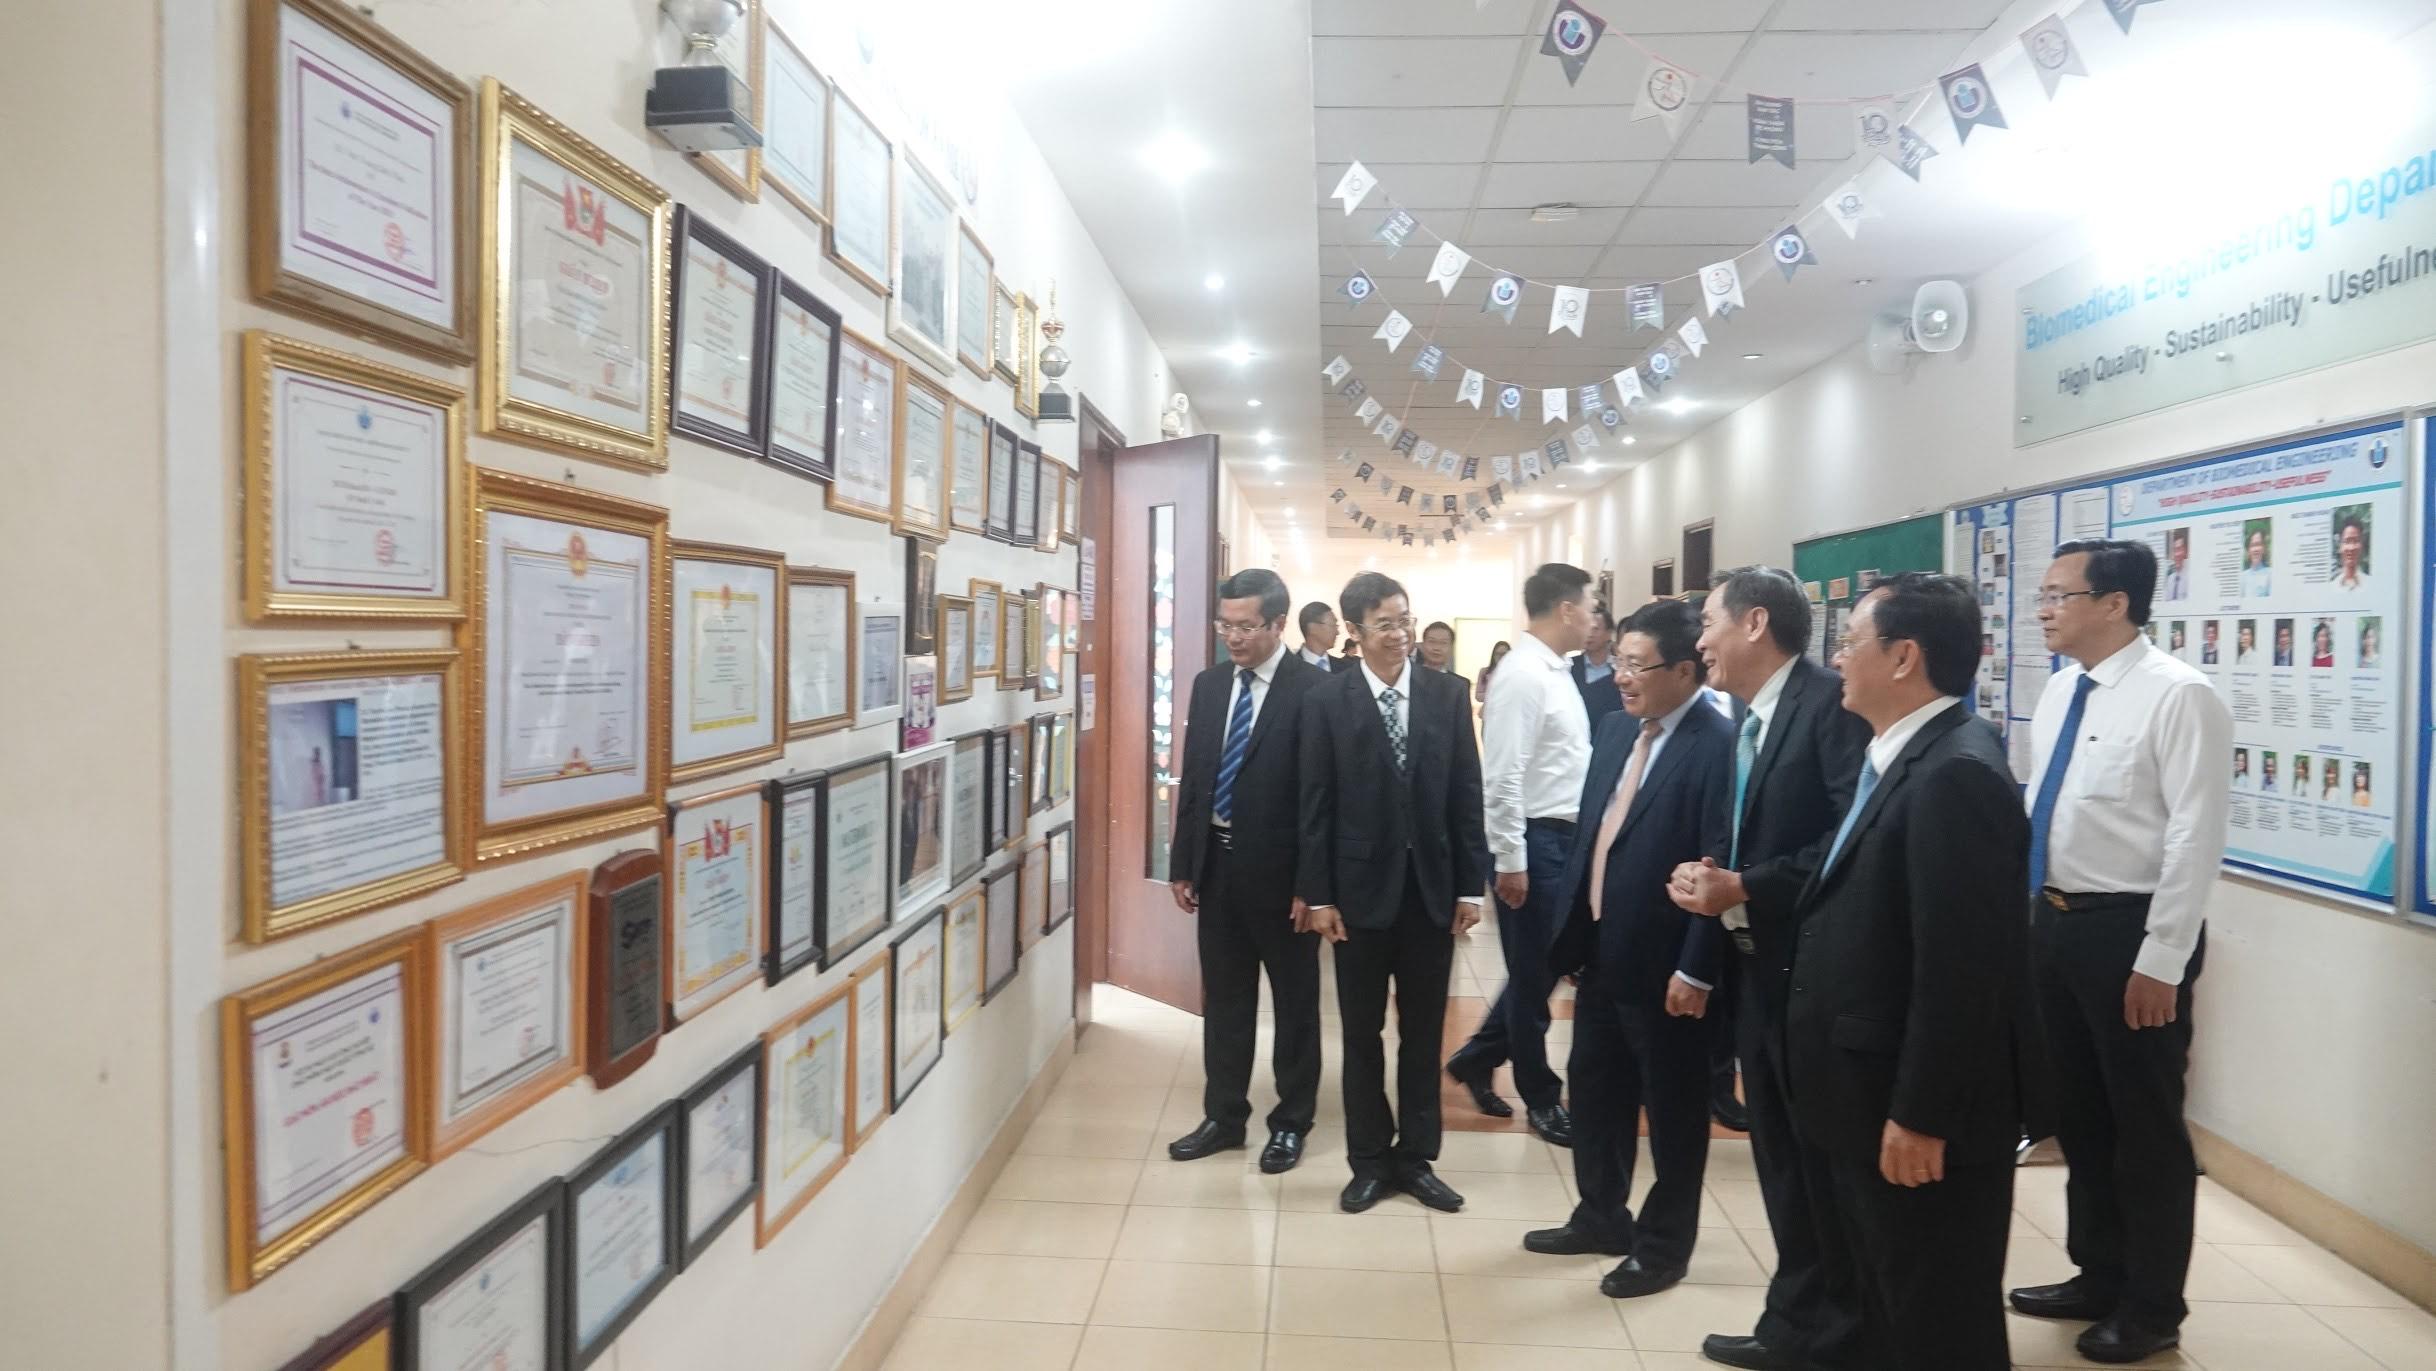 Phó Thủ tướng Phạm Bình Minh và đoàn đại biểu trước Bức Tường Thành tích (Hall of Fame) treo những bằng khen mà giảng viên, sinh viên và cán bộ của Khoa KTYS đã nhận được